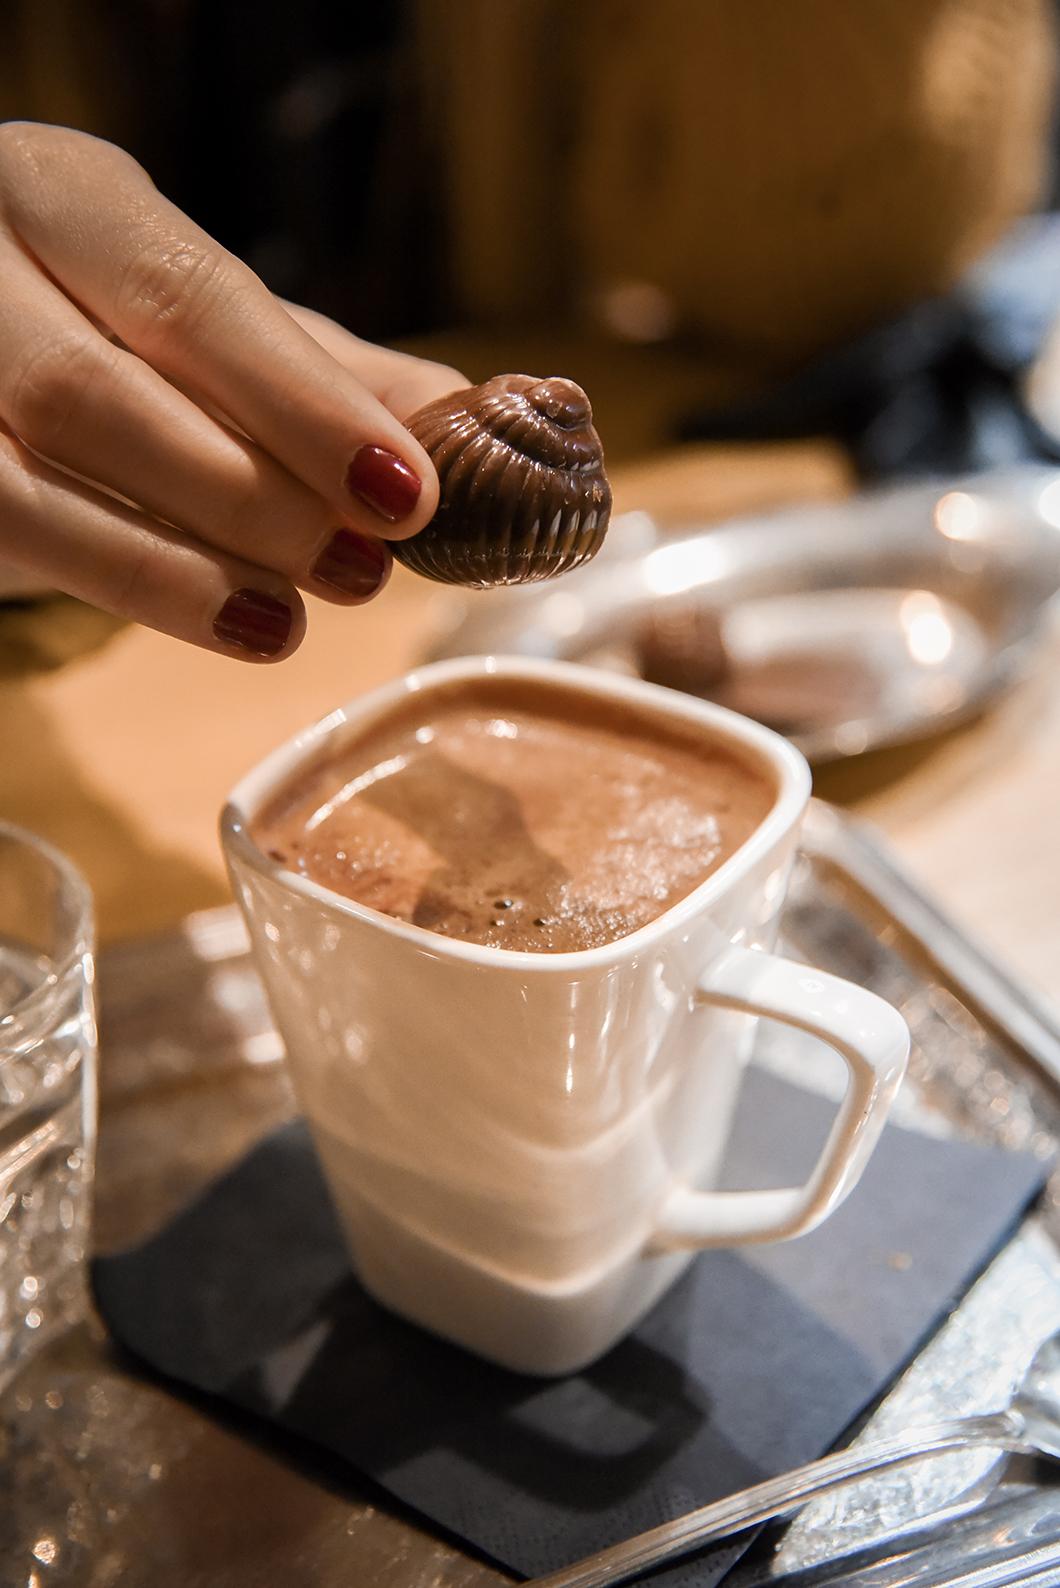 Bonnes adresses à Bruxelles - chocolat chez Frederic Blondeel